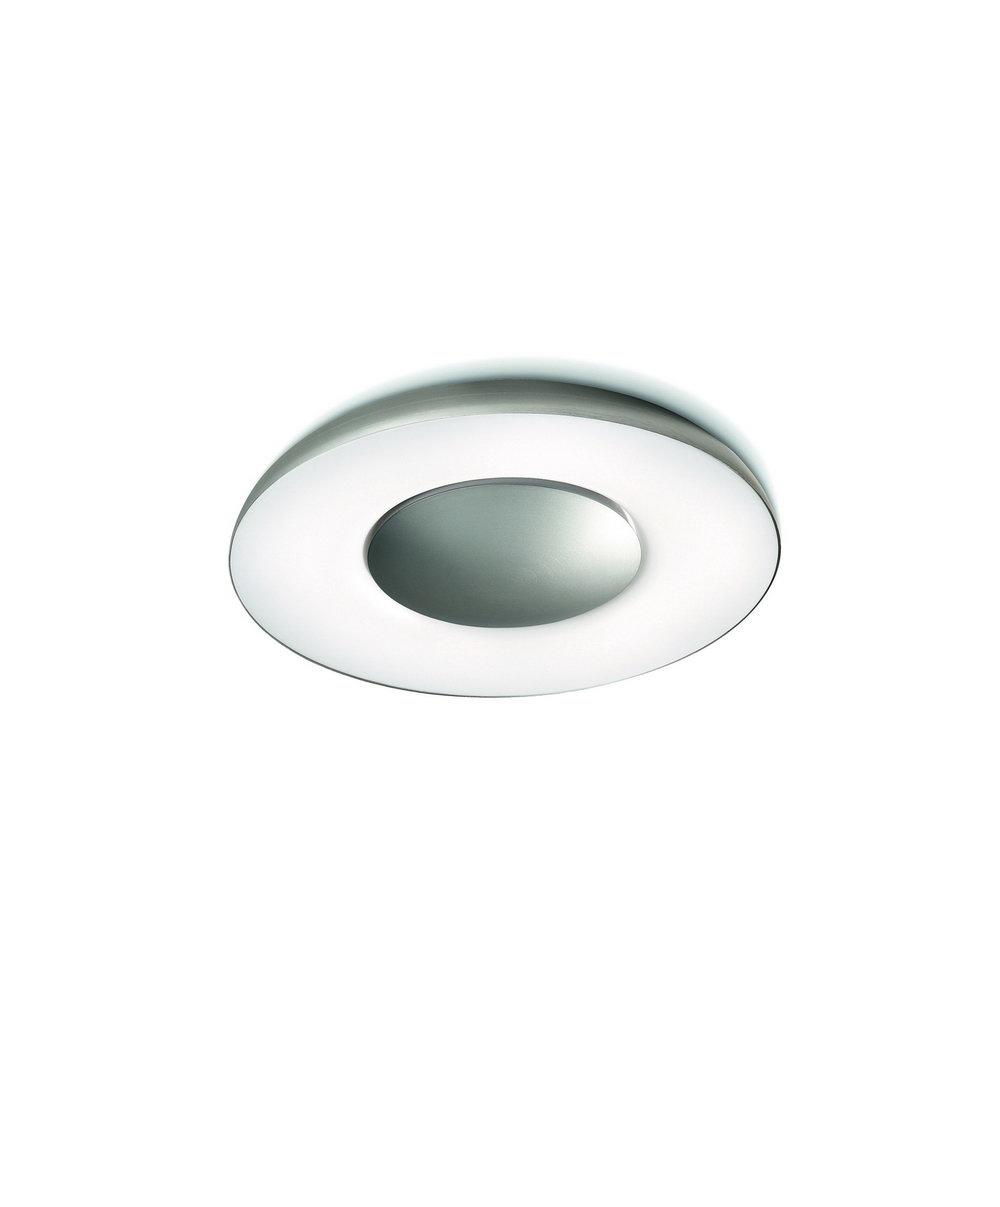 Closet Lighting Fixtures With Motion Sensor